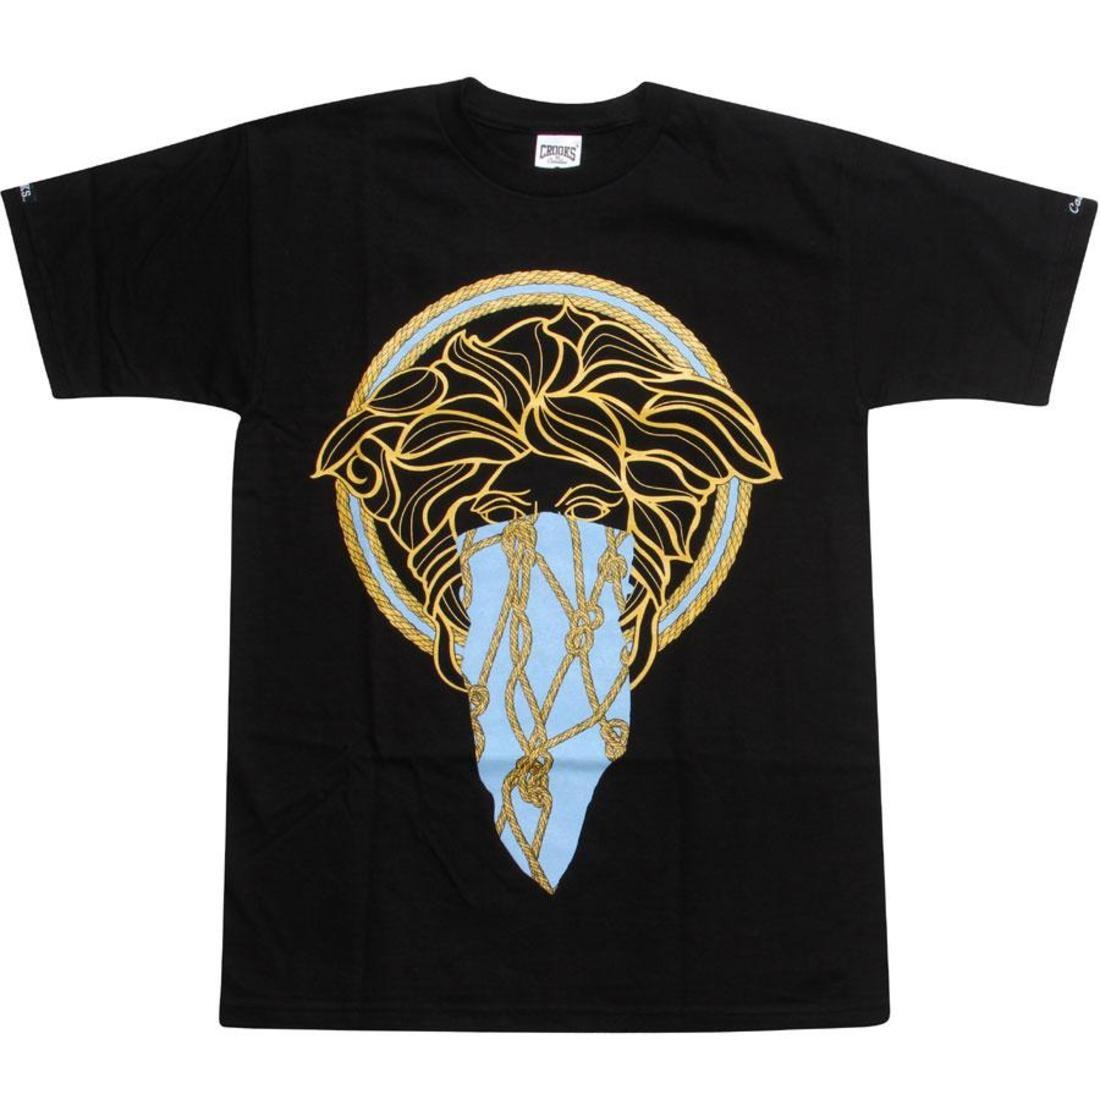 【海外限定】Tシャツ トップス カットソー 【 CROOKS AND CASTLES GORGON TEE BLACK GOLD BLUE 】